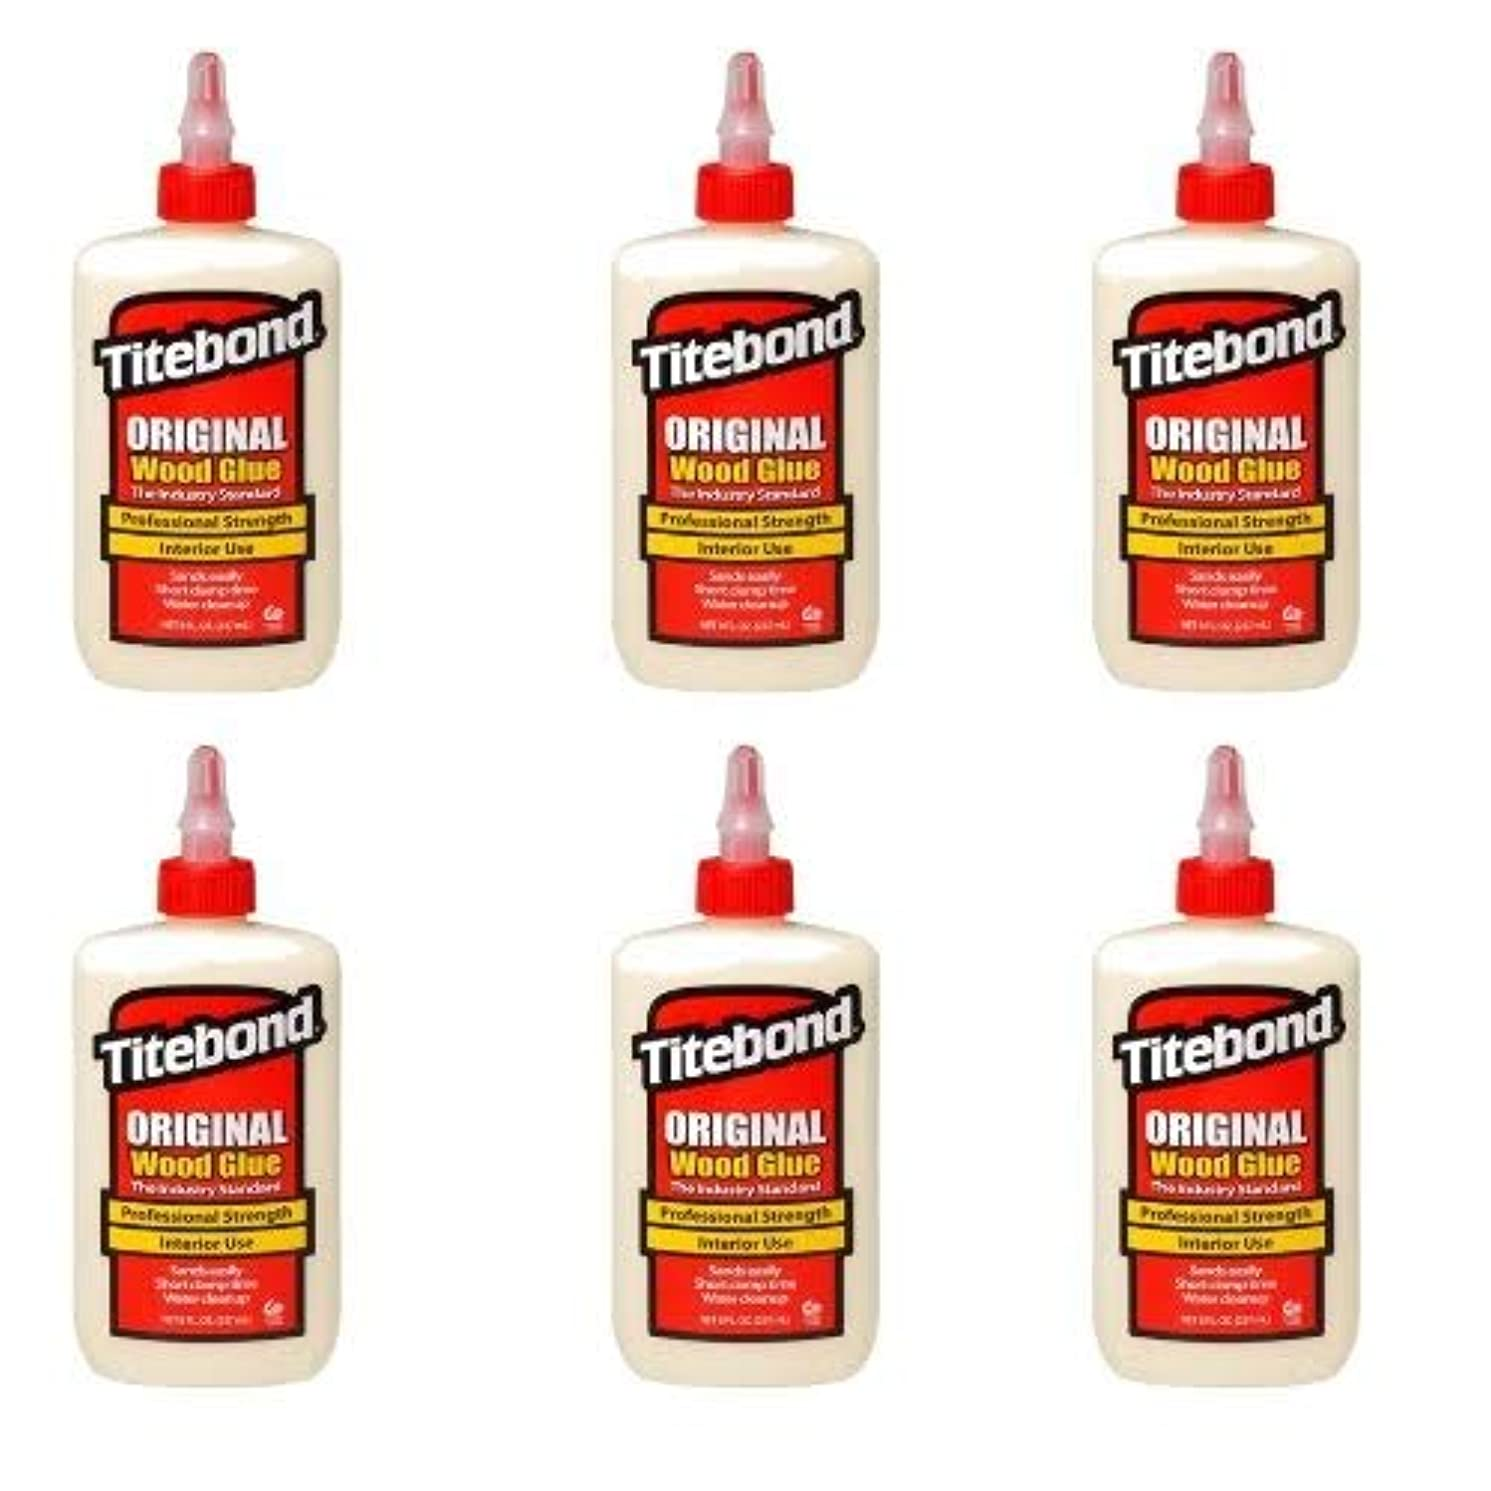 Titebond 5063 Original Wood Glue, 8-Ounces 6 PACK